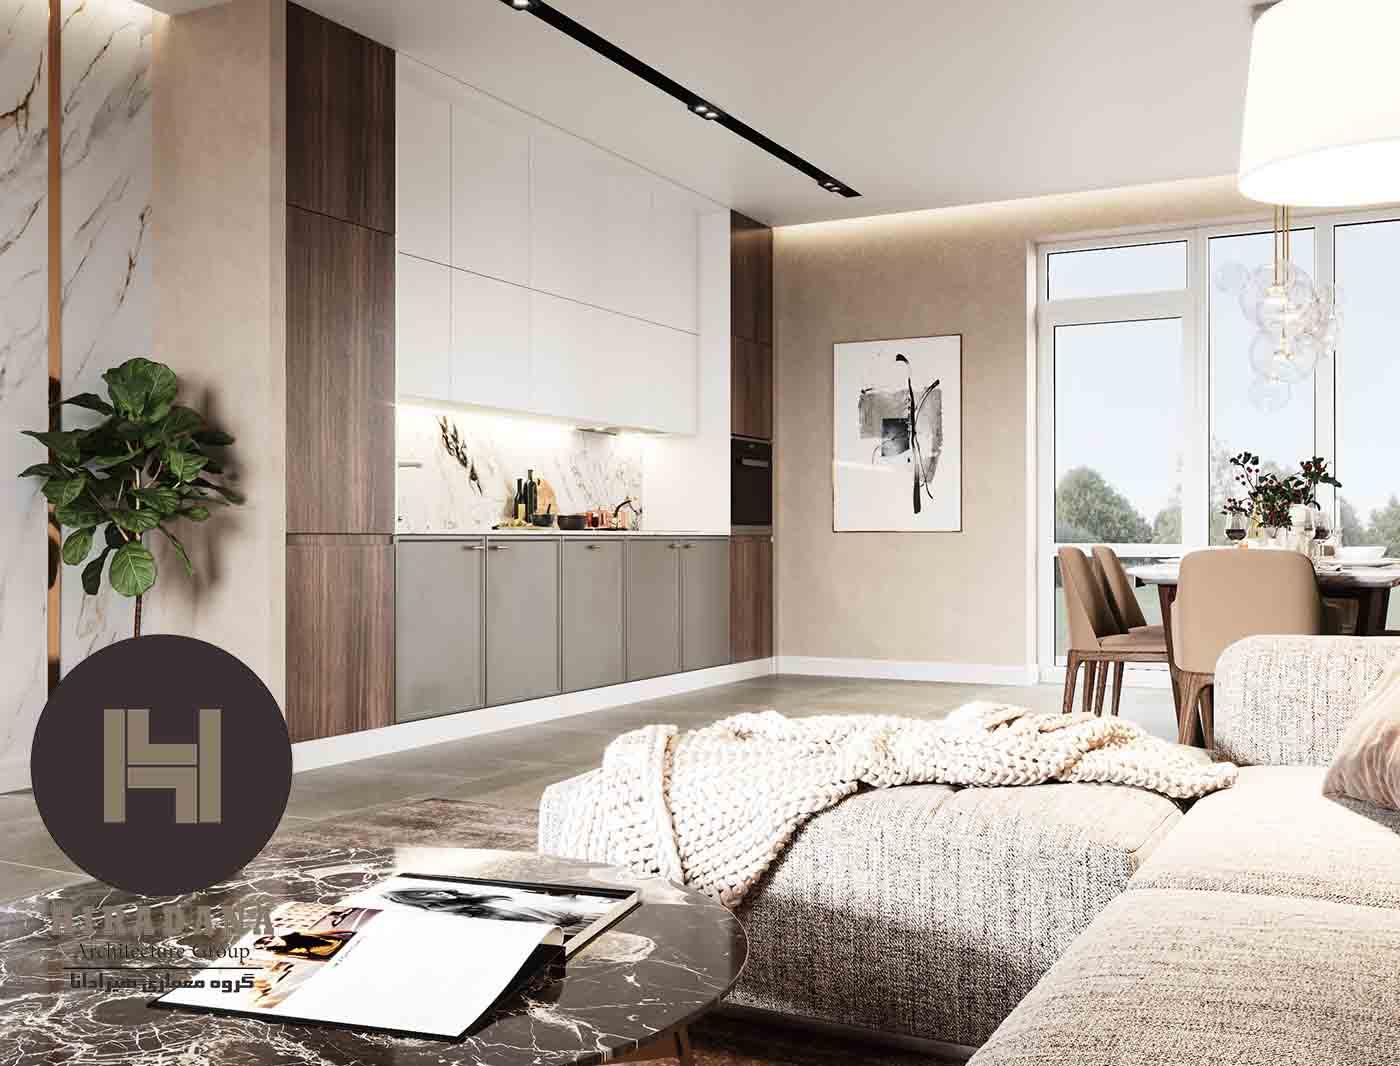 طراحی دکوراسیون داخلی آپارتمان های دوطبقه